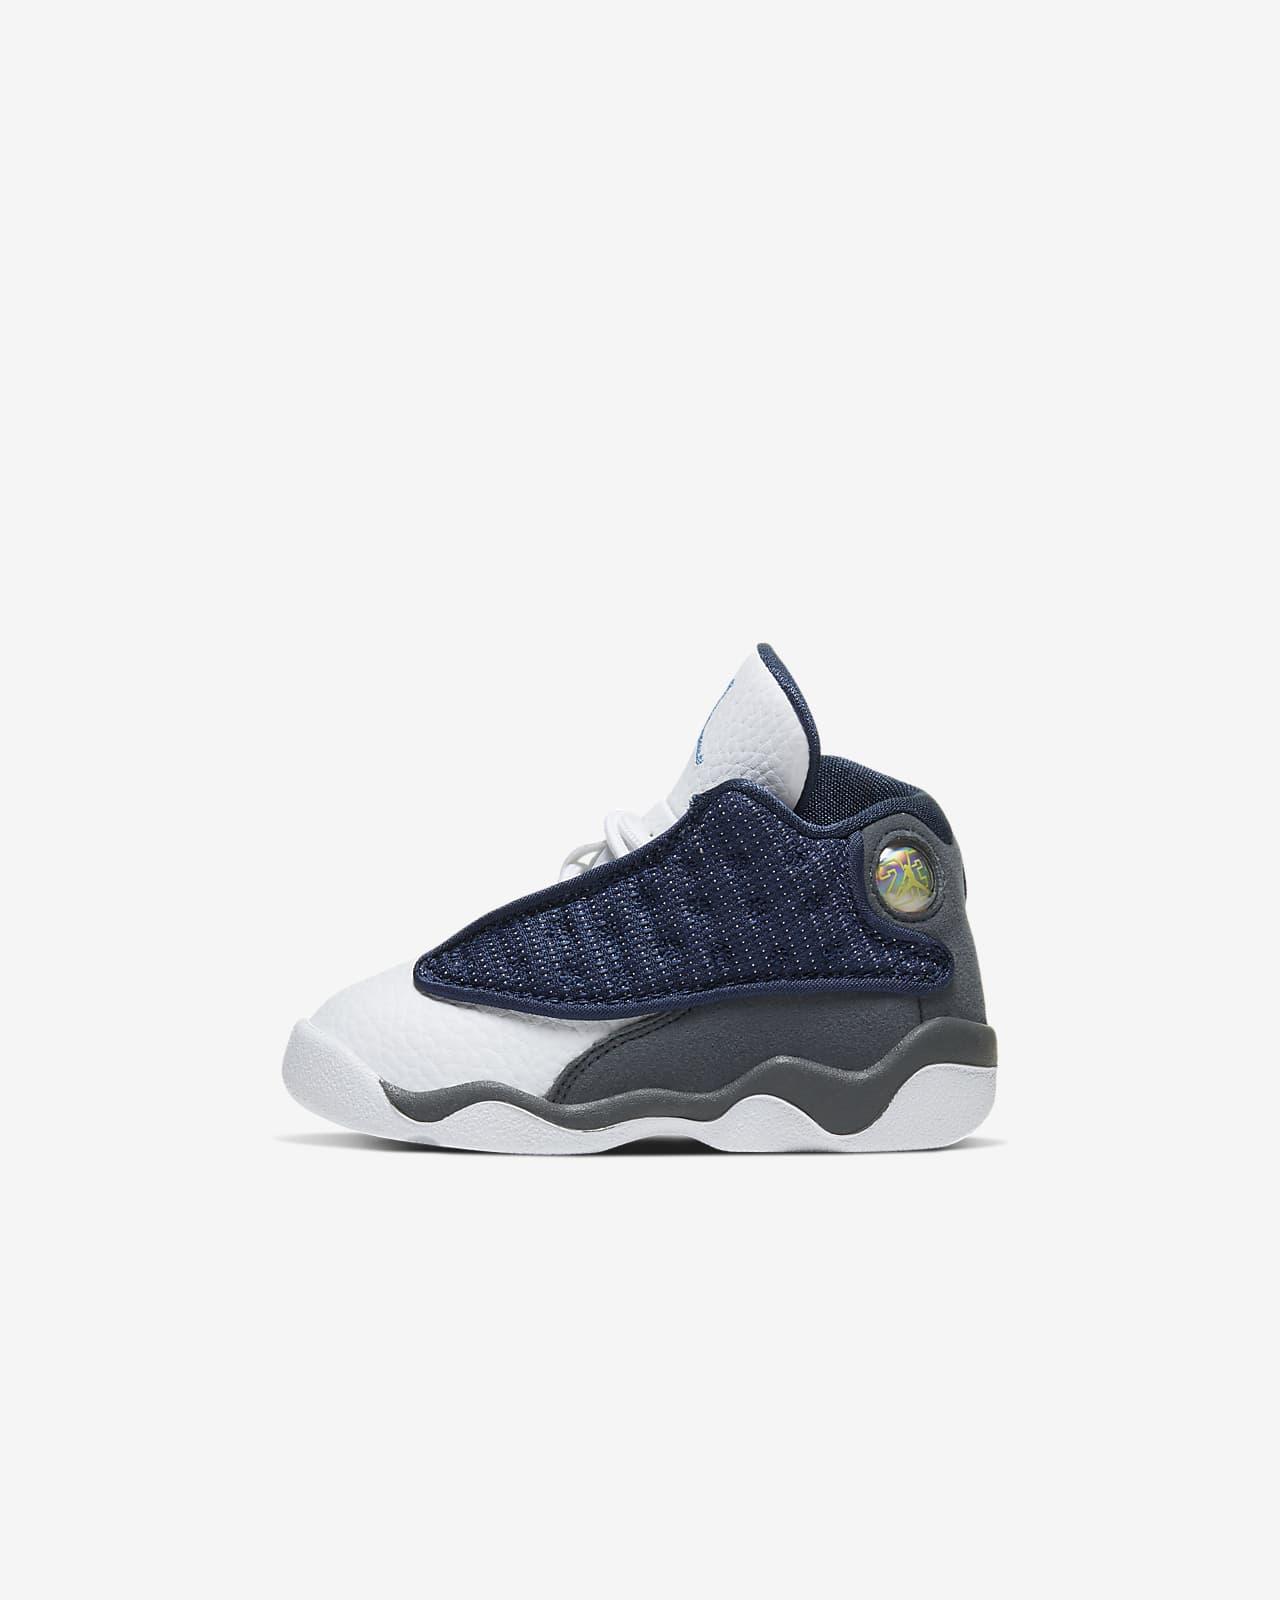 Jordan 13 Retro Baby and Toddler Shoe